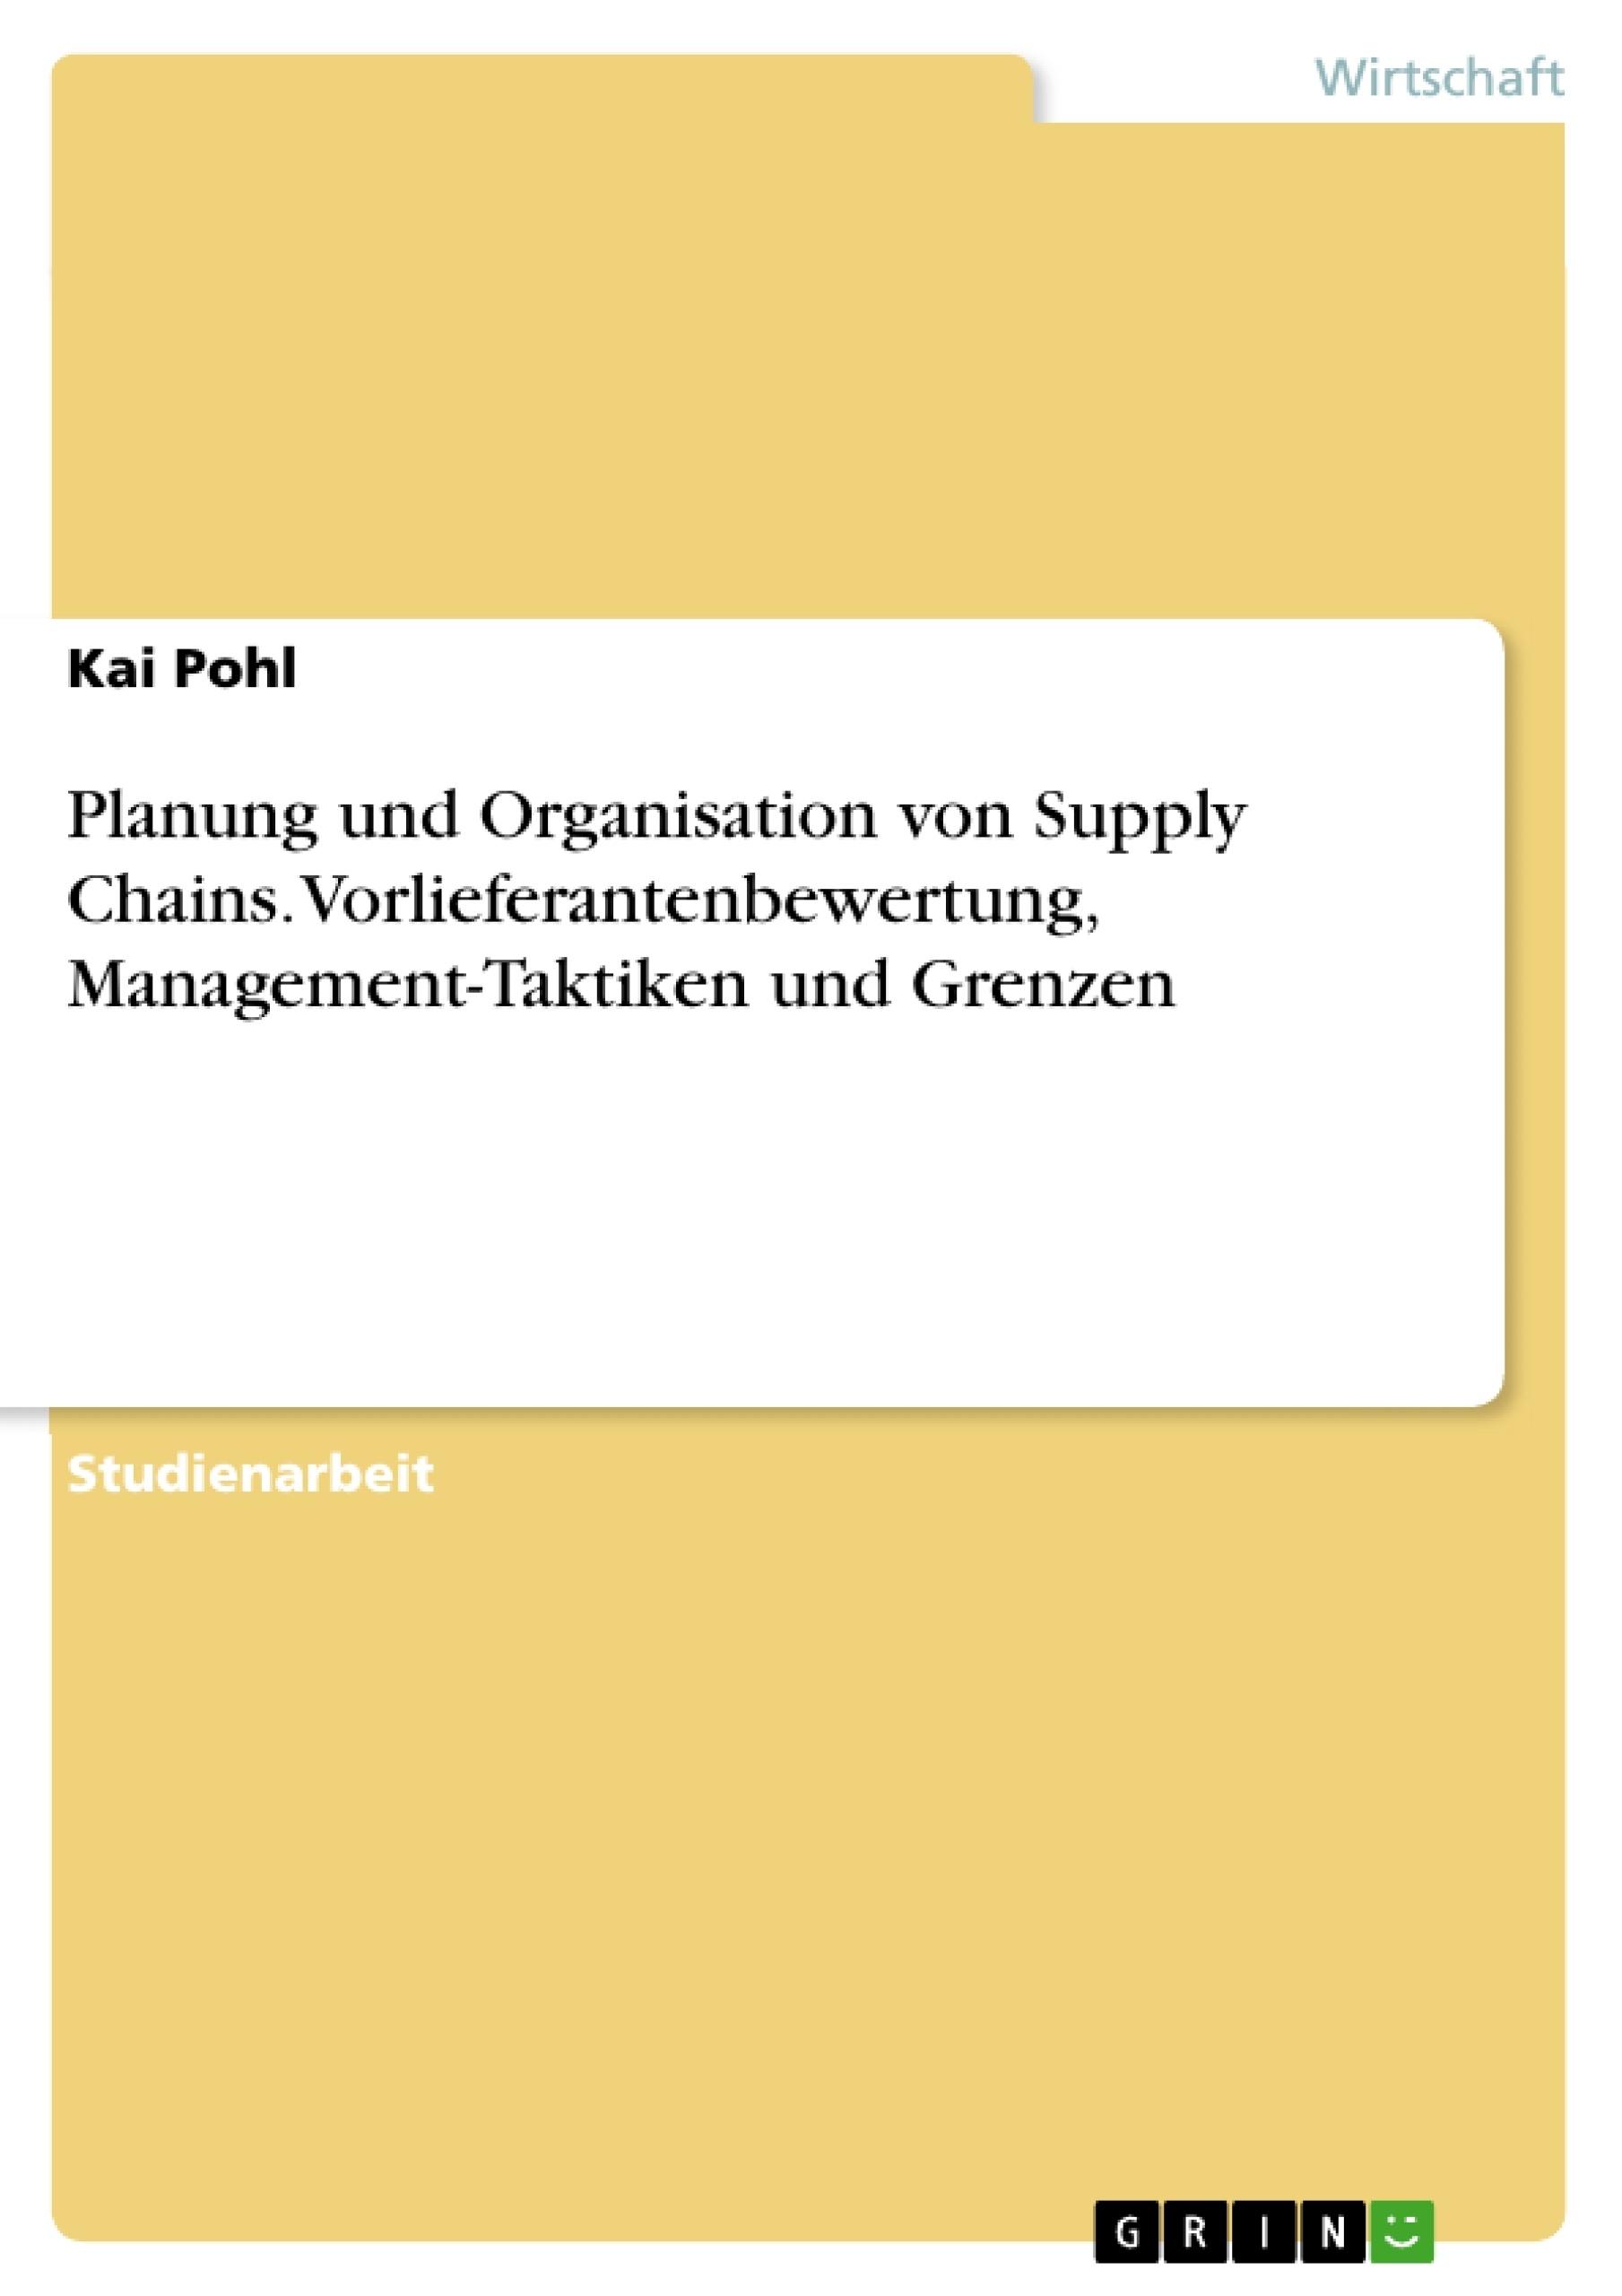 Titel: Planung und Organisation von Supply Chains. Vorlieferantenbewertung, Management-Taktiken und Grenzen